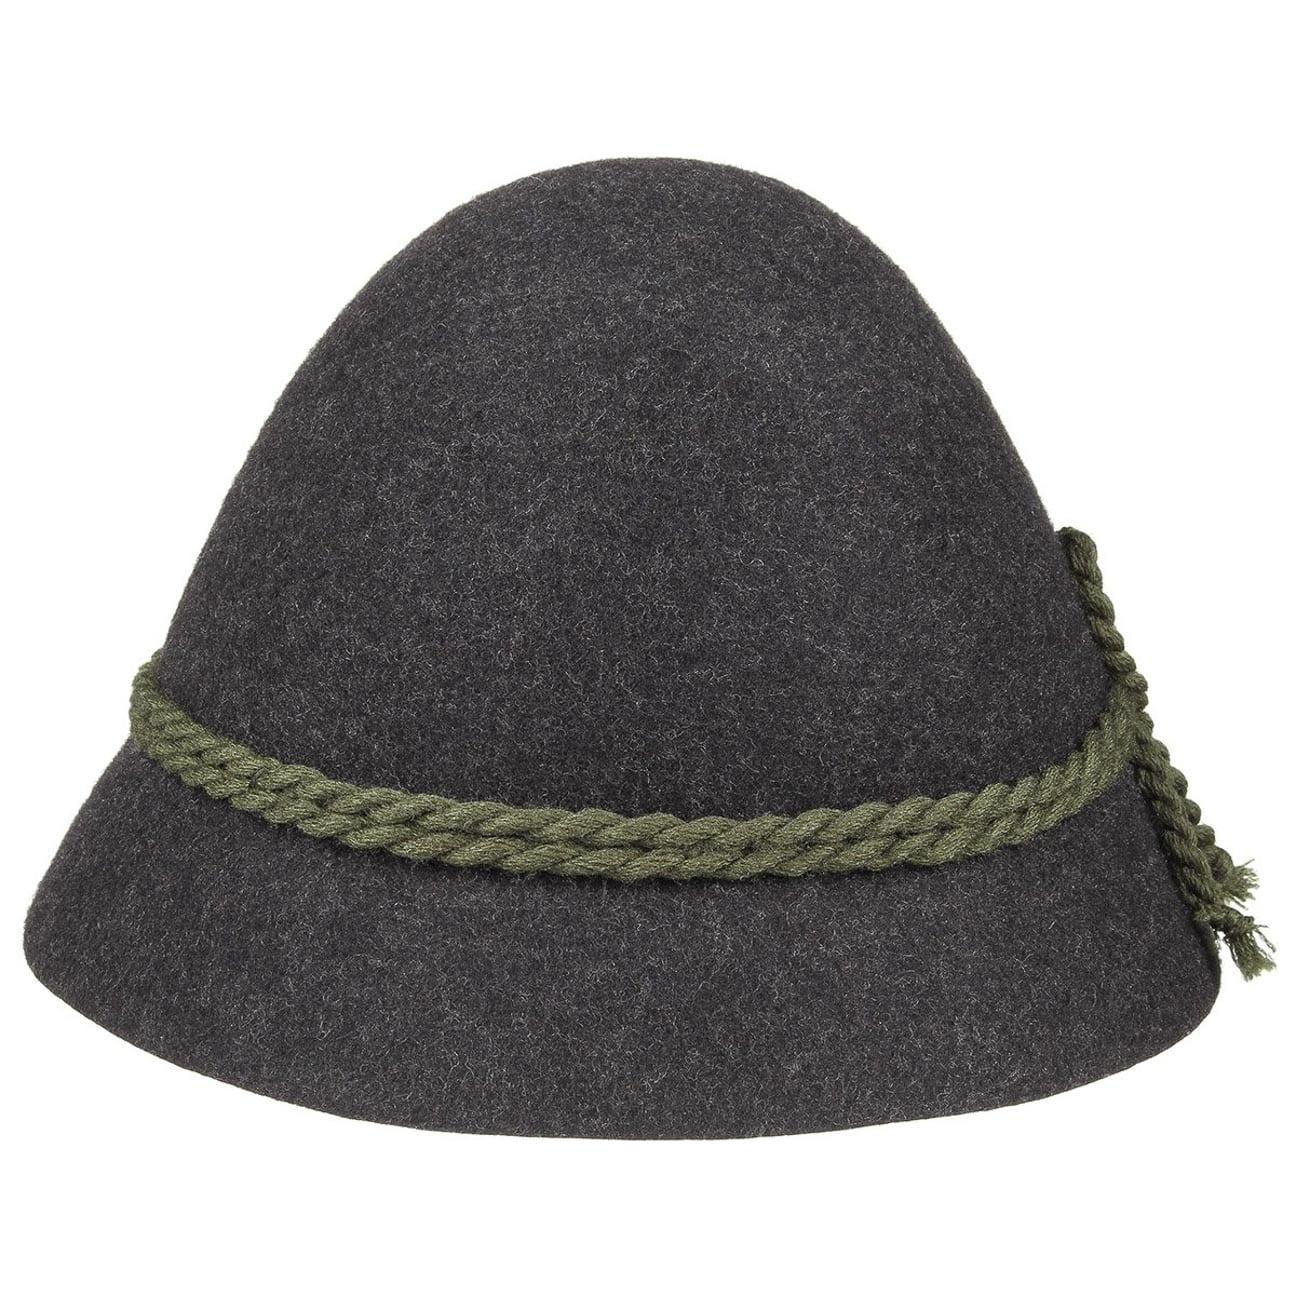 Sombrero para Niños Schinderhannes Algovia - Sombreros - sombreroshop.es 078e3870cb0